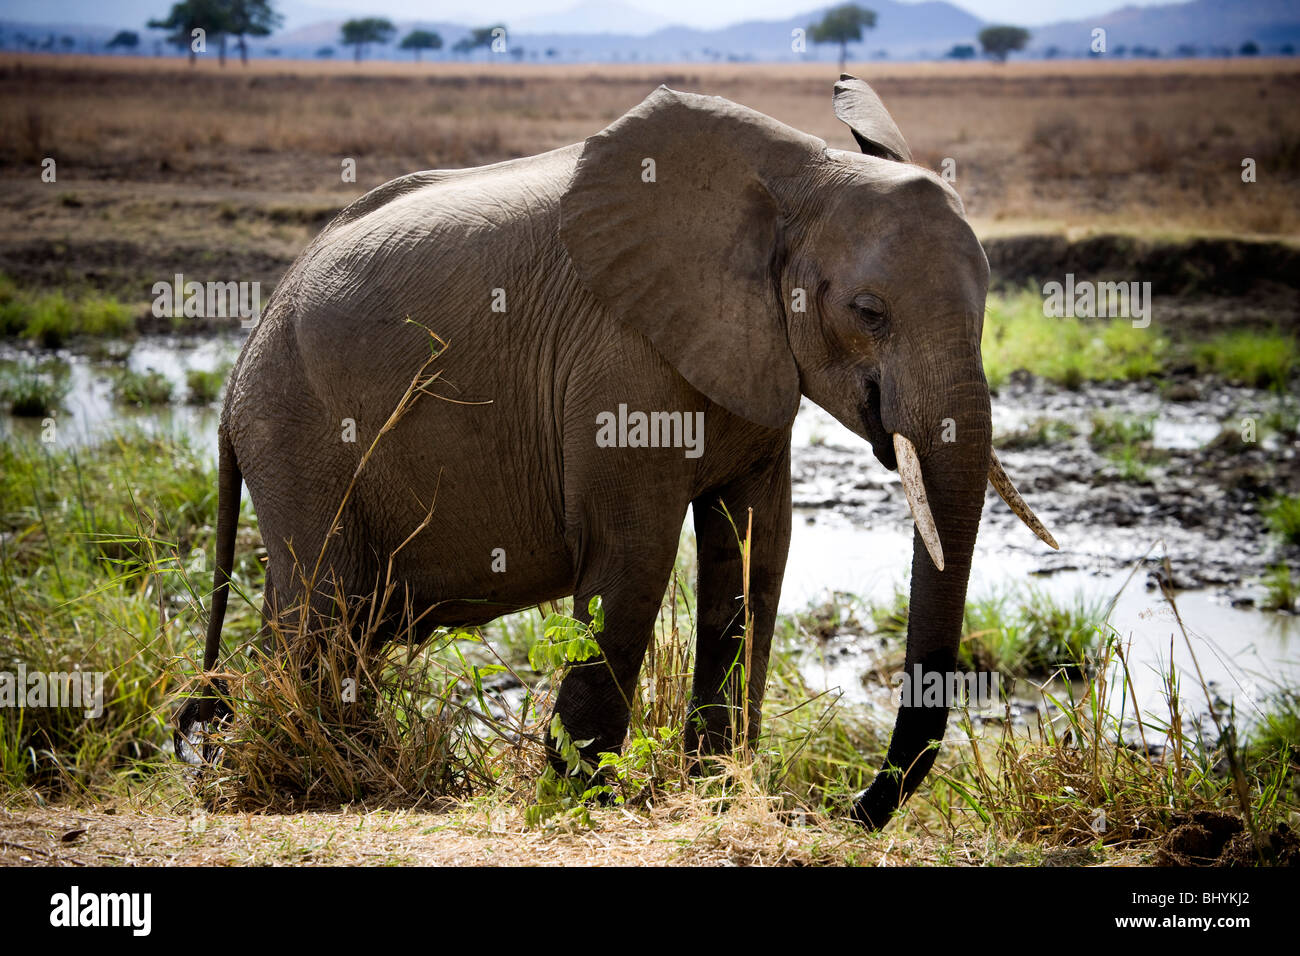 Elephant, Mikumi NP, Tanzania, East Africa - Stock Image